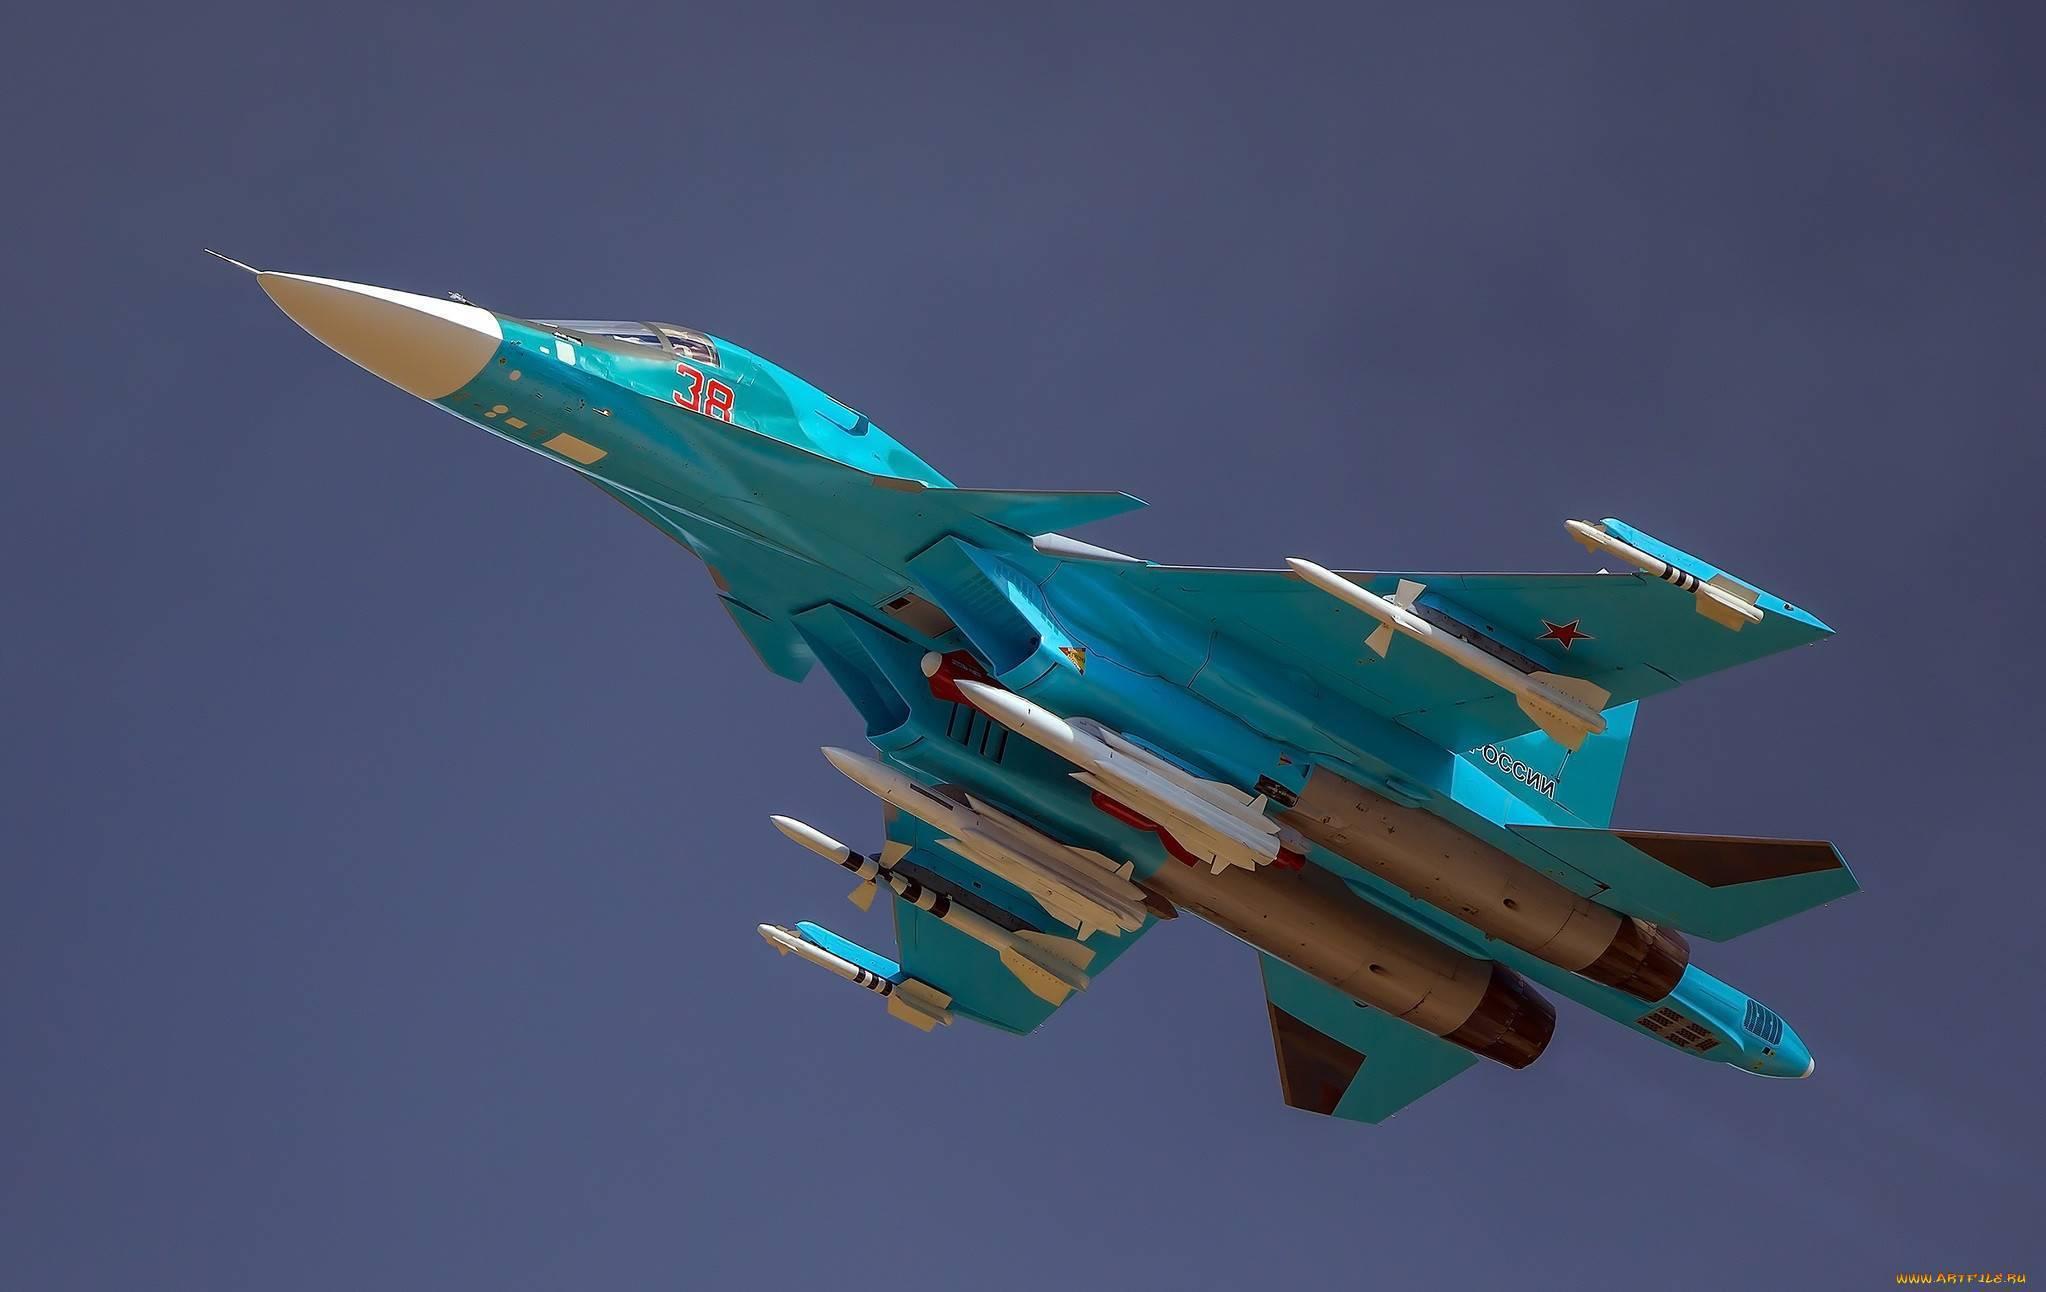 Самолет су-34: описание и технические характеристики. военные самолеты